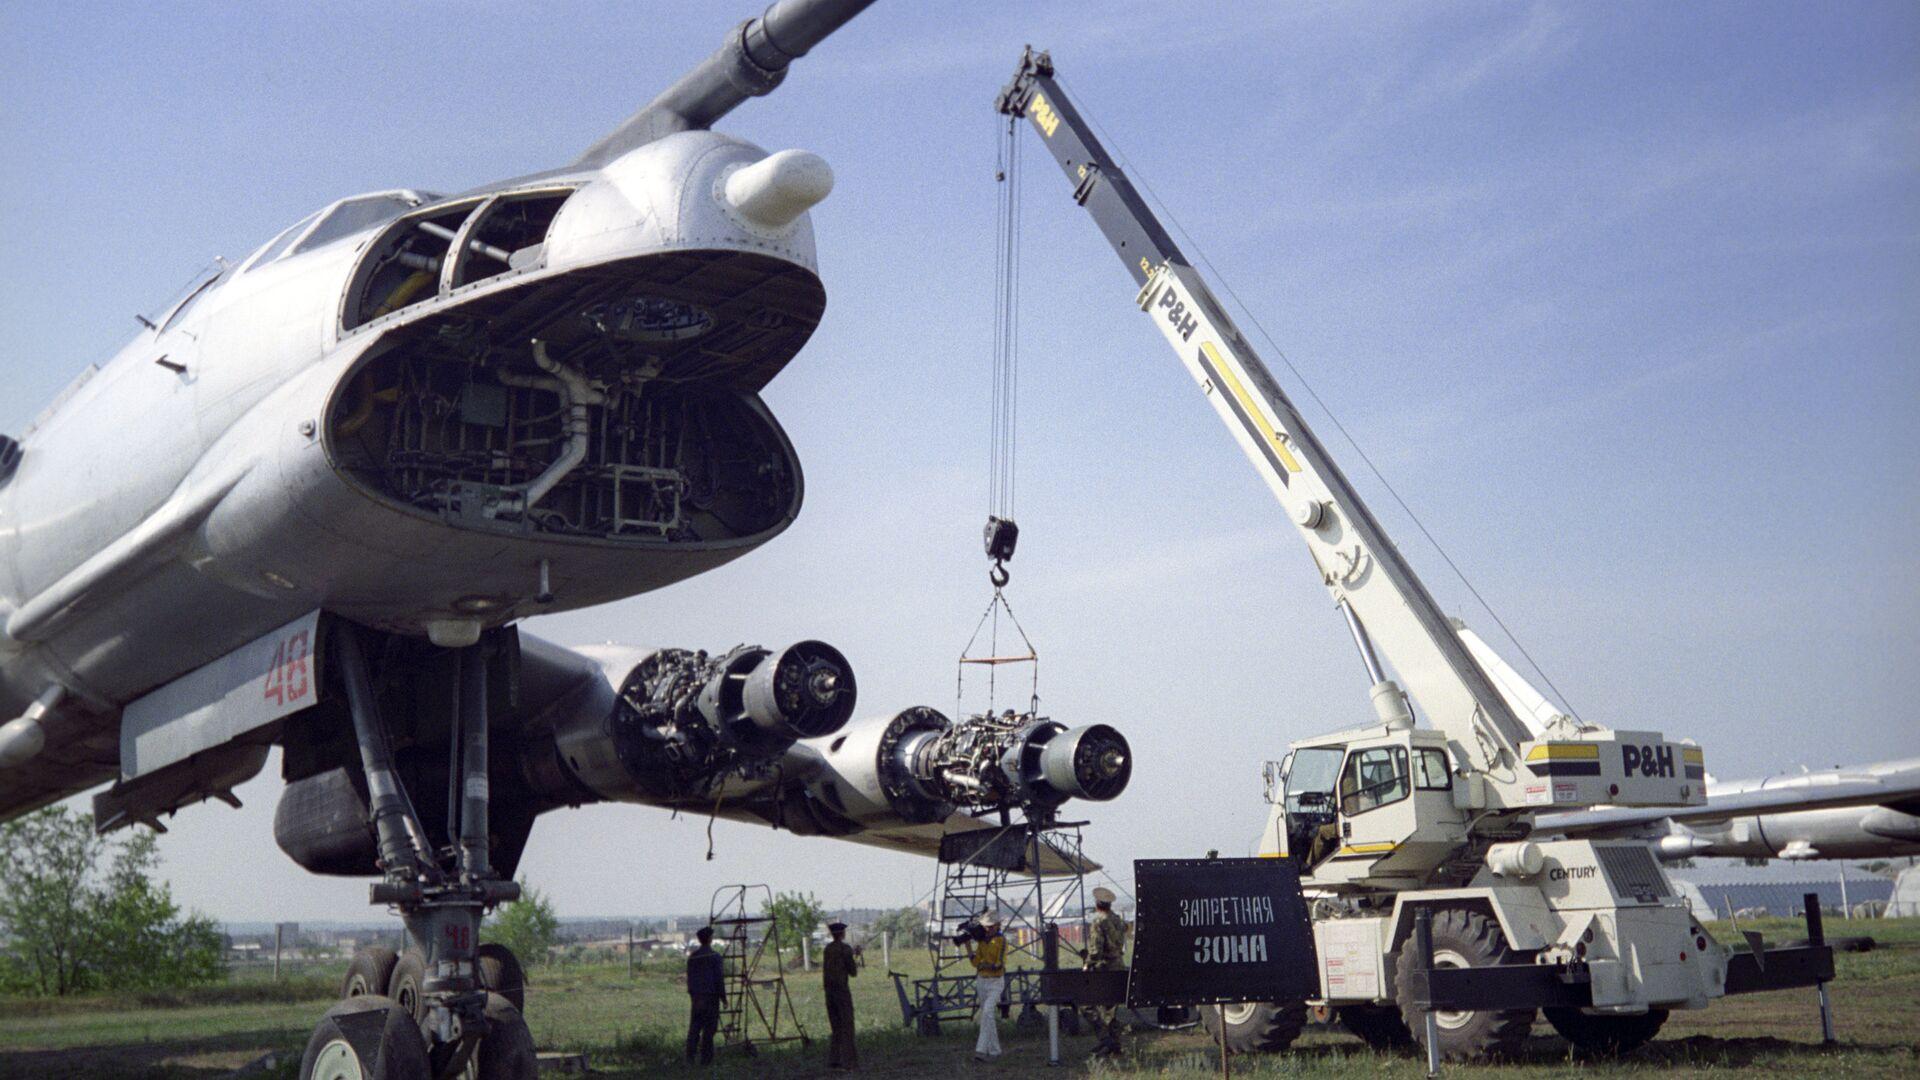 Самолет Ту-95 со снятым оборудованием - РИА Новости, 1920, 15.09.2020